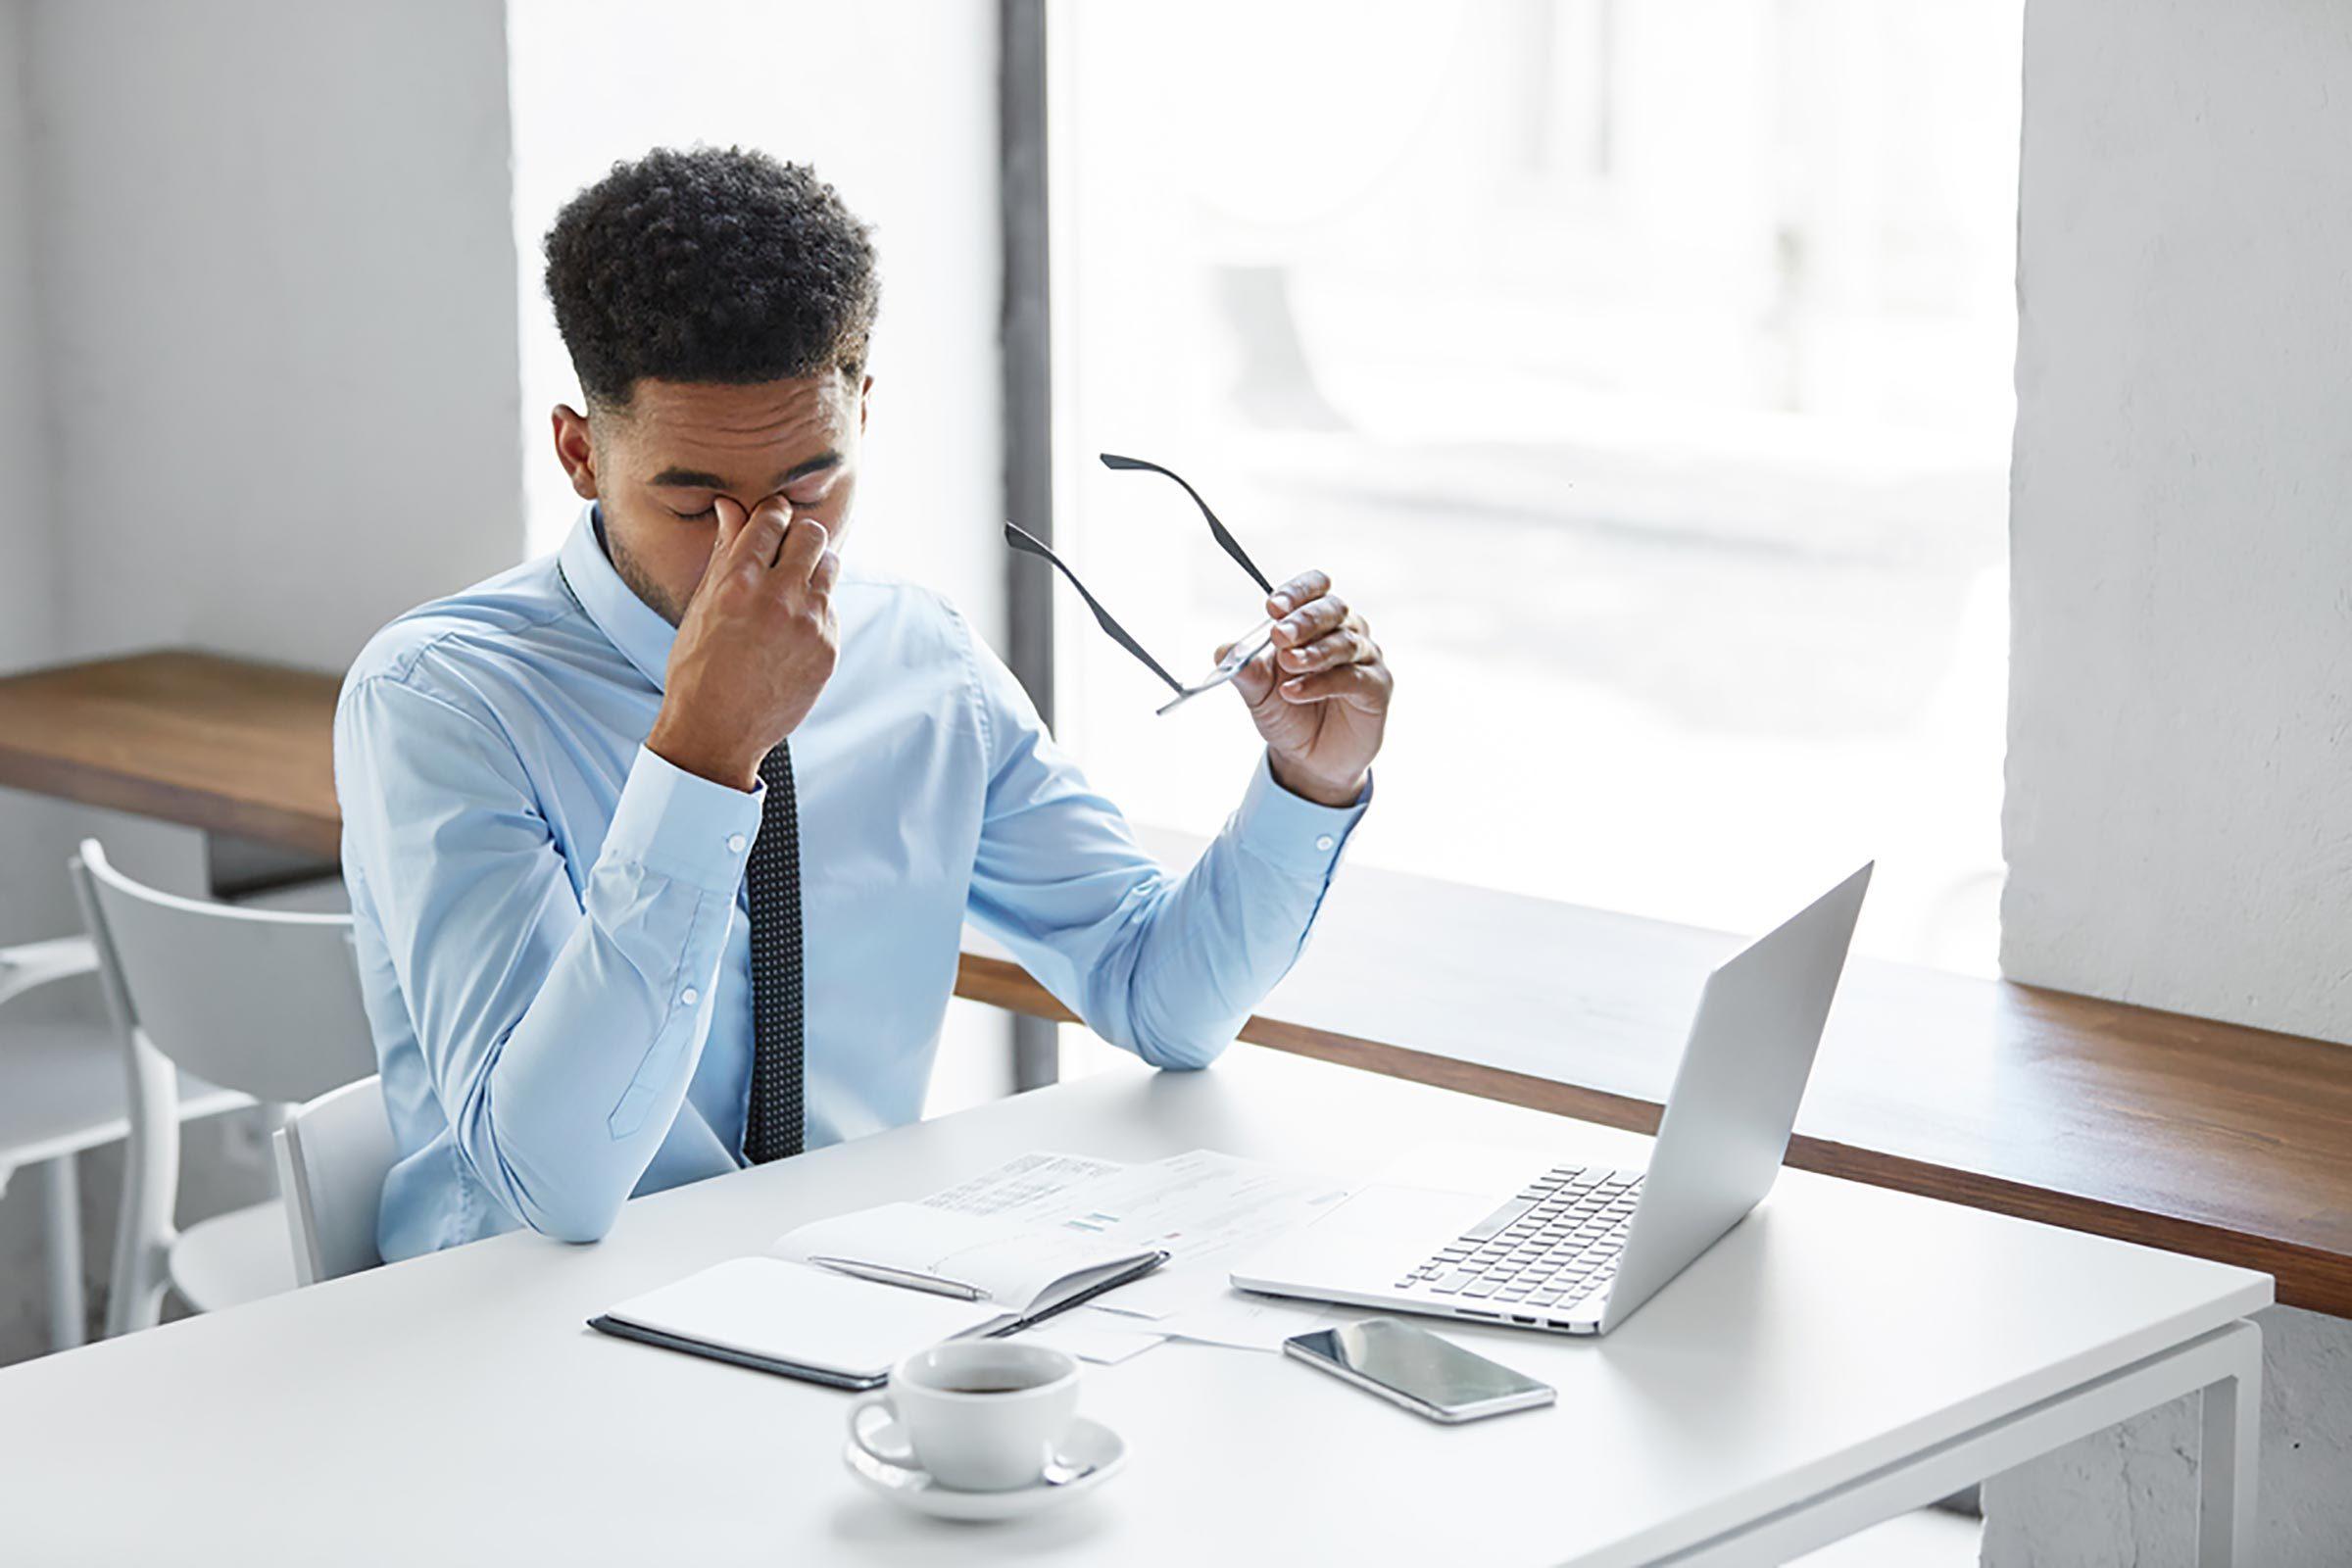 Man at his desk rubbing his eyes